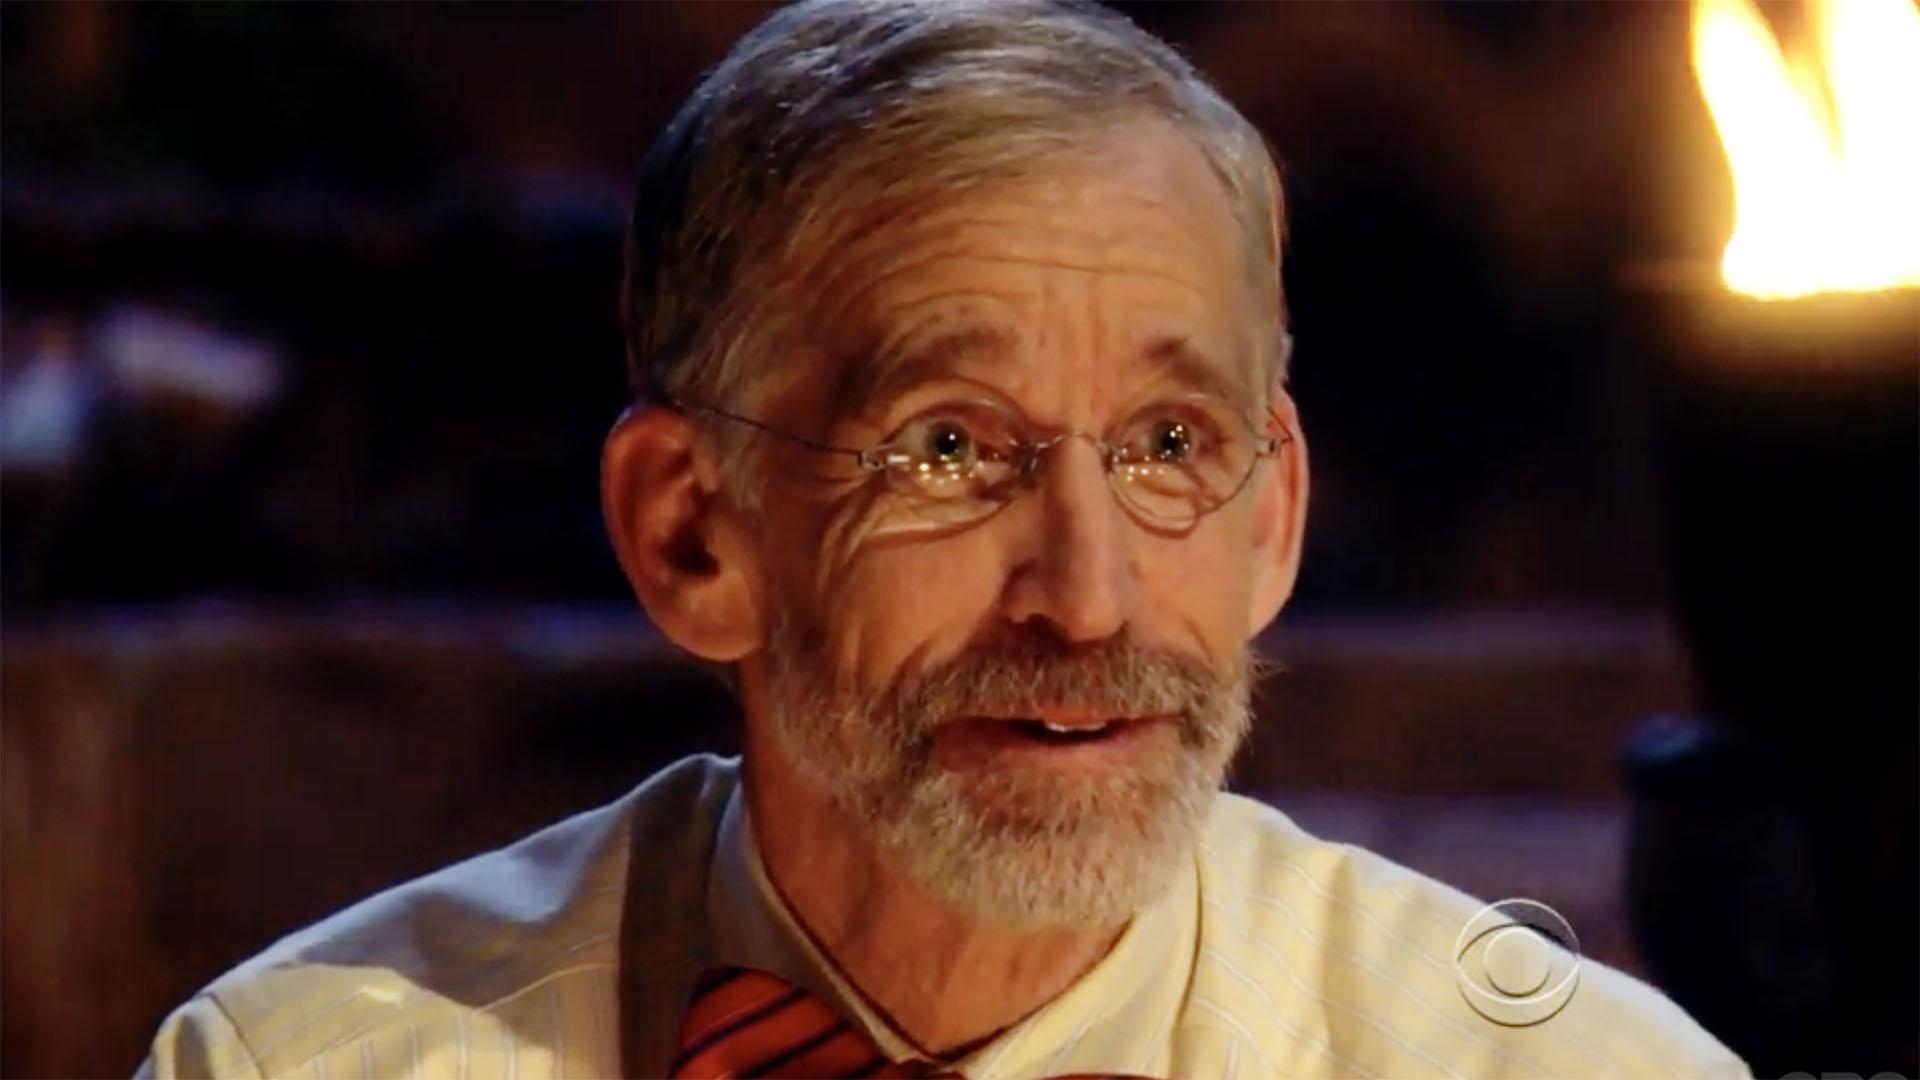 Oldest Sole Survivor: Bob Crowley, 57